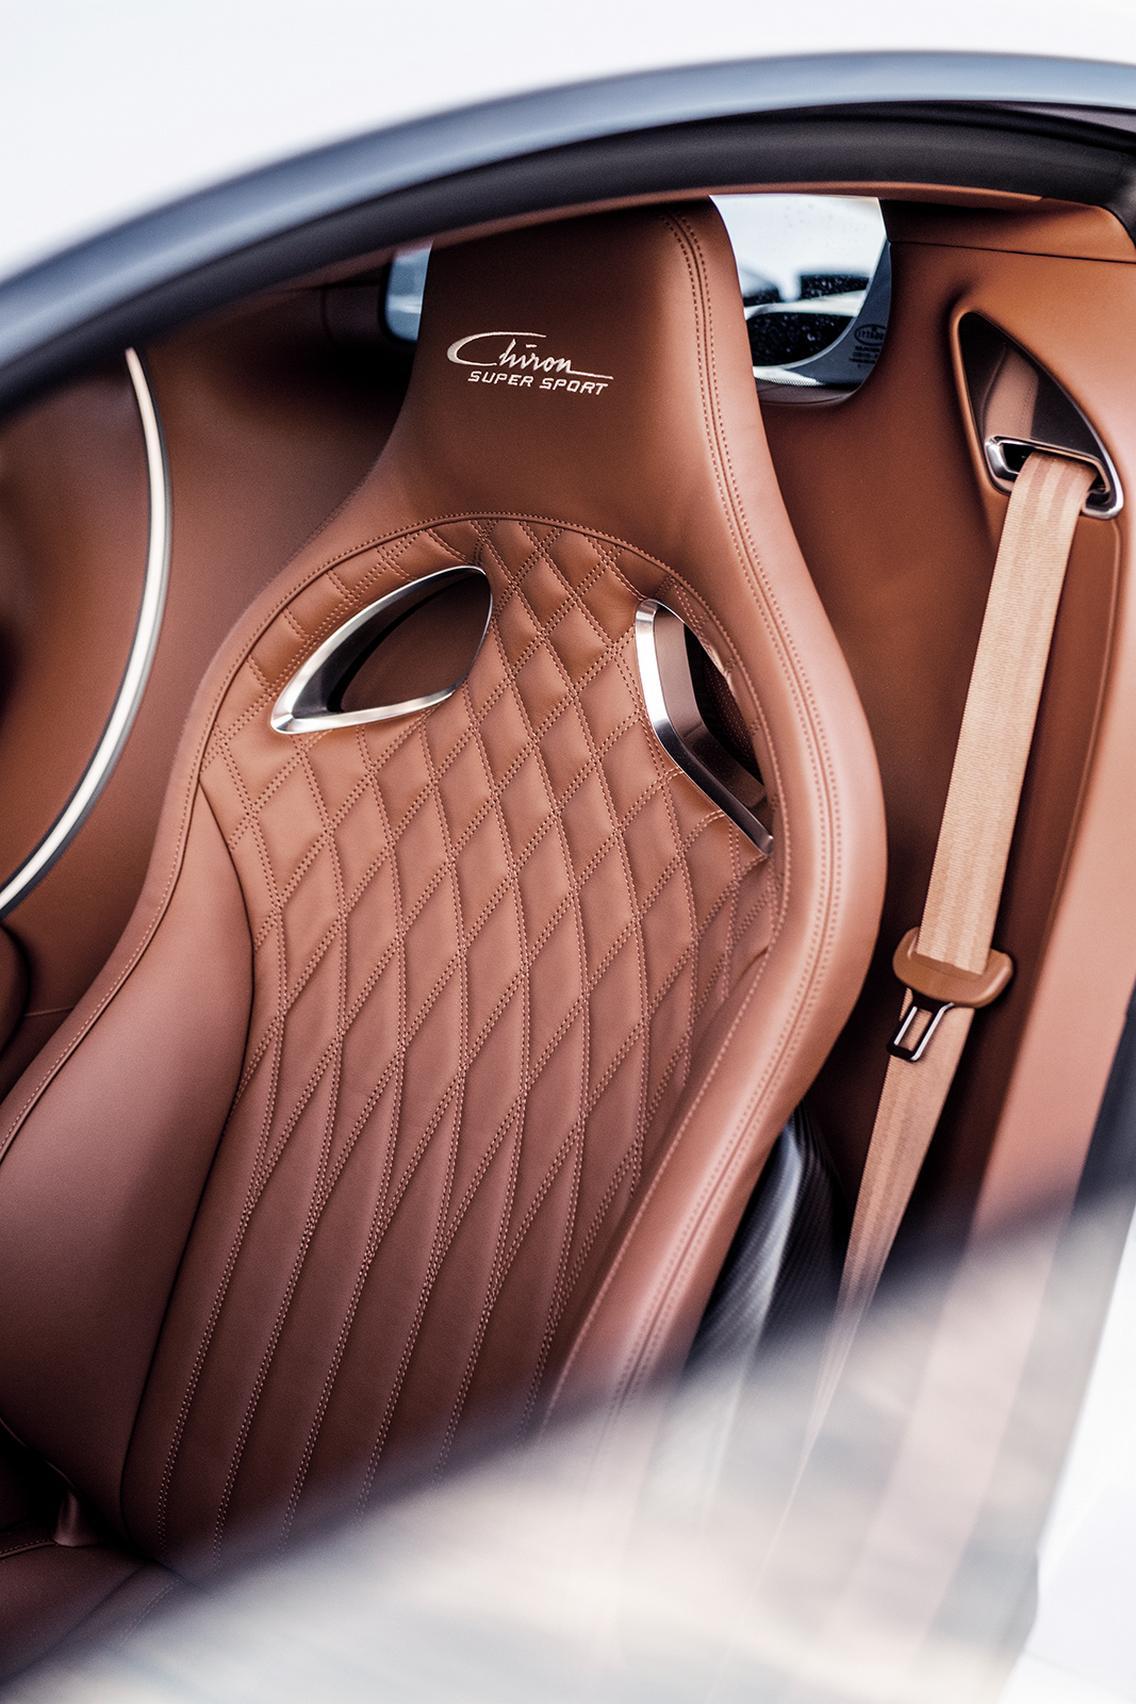 Bugatti Chiron Super Sport seats